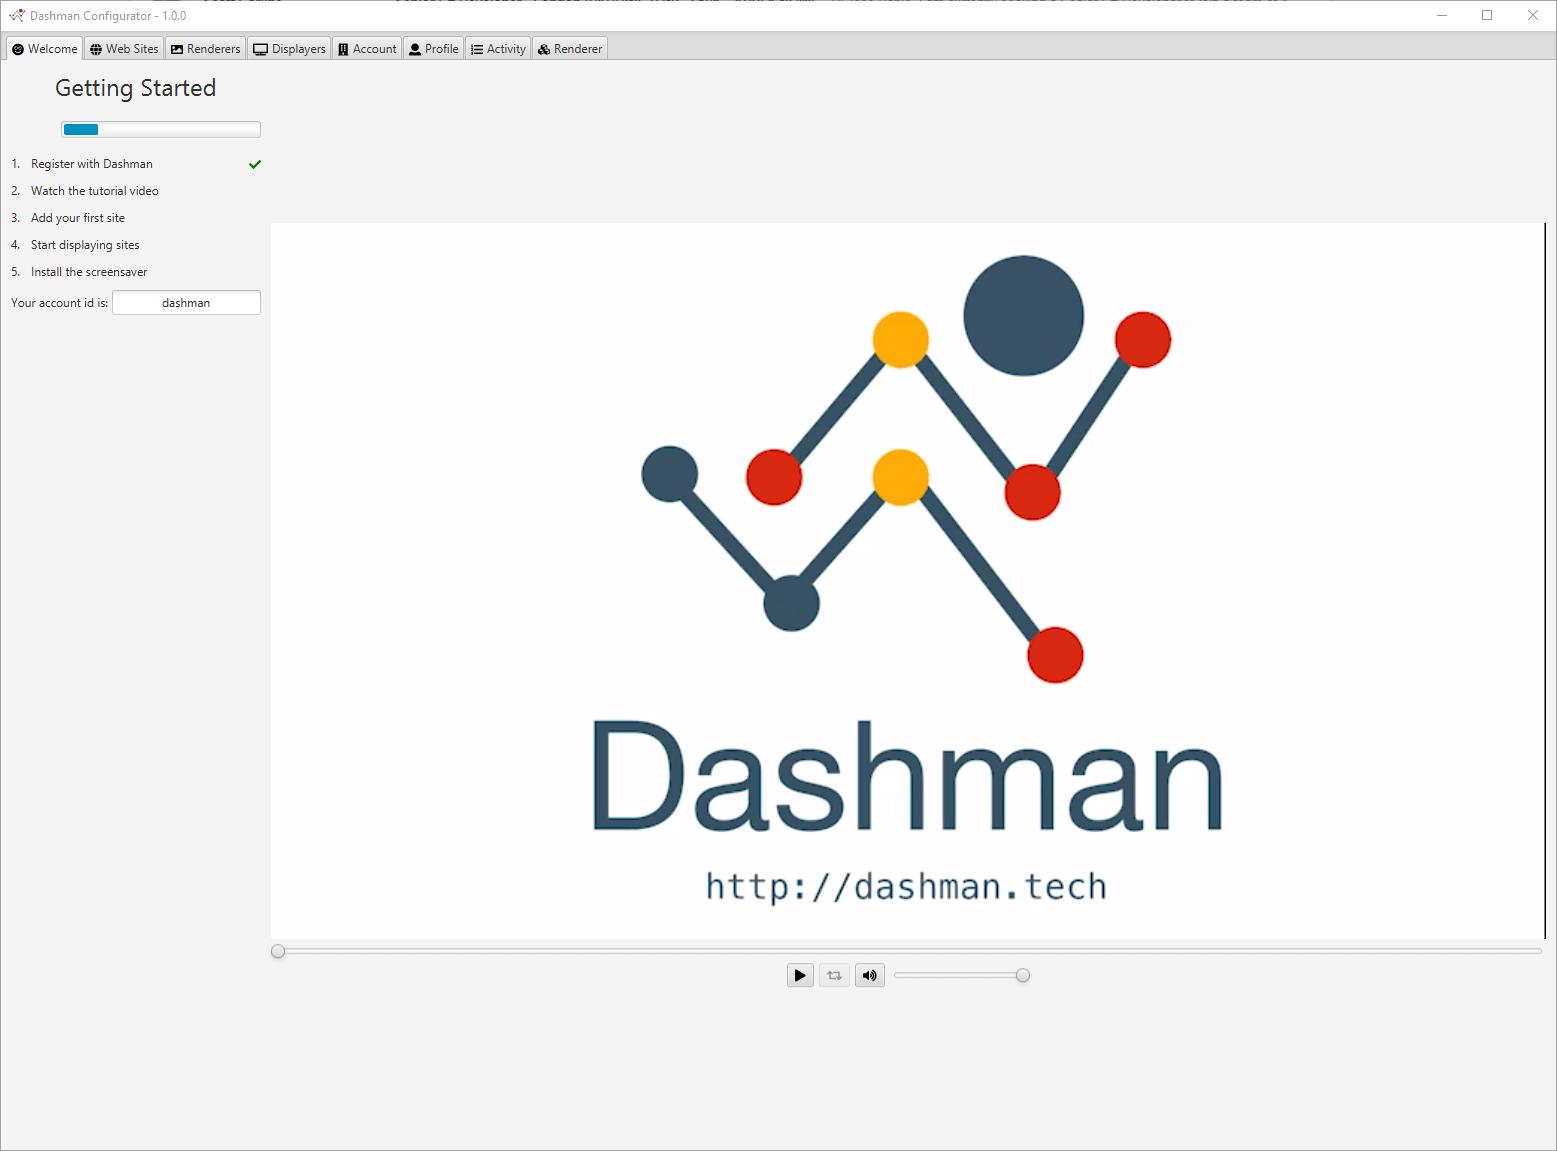 Dashman just started